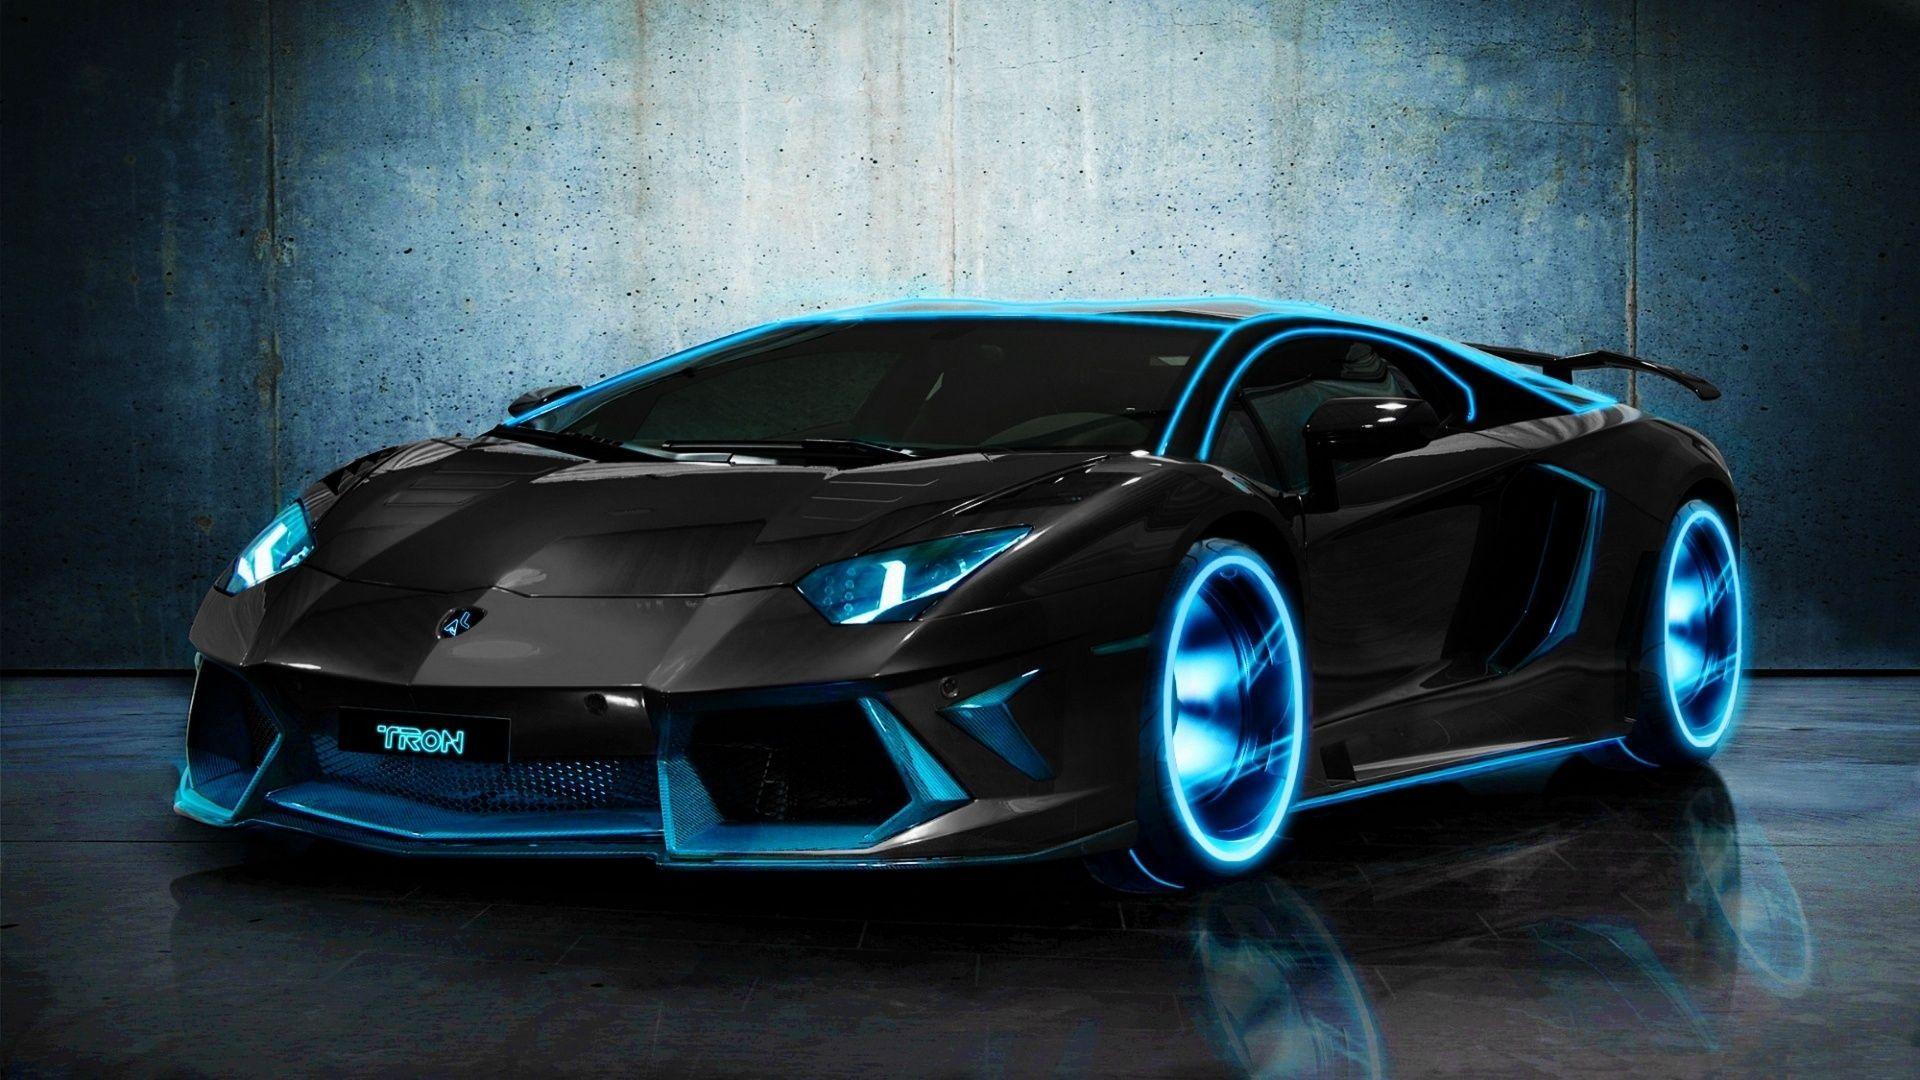 Full Hd P Lamborghini Wallpapers Hd Desktop Backgrounds Lamborghini Aventador Wallpaper Lamborghini Cars Sports Car Wallpaper